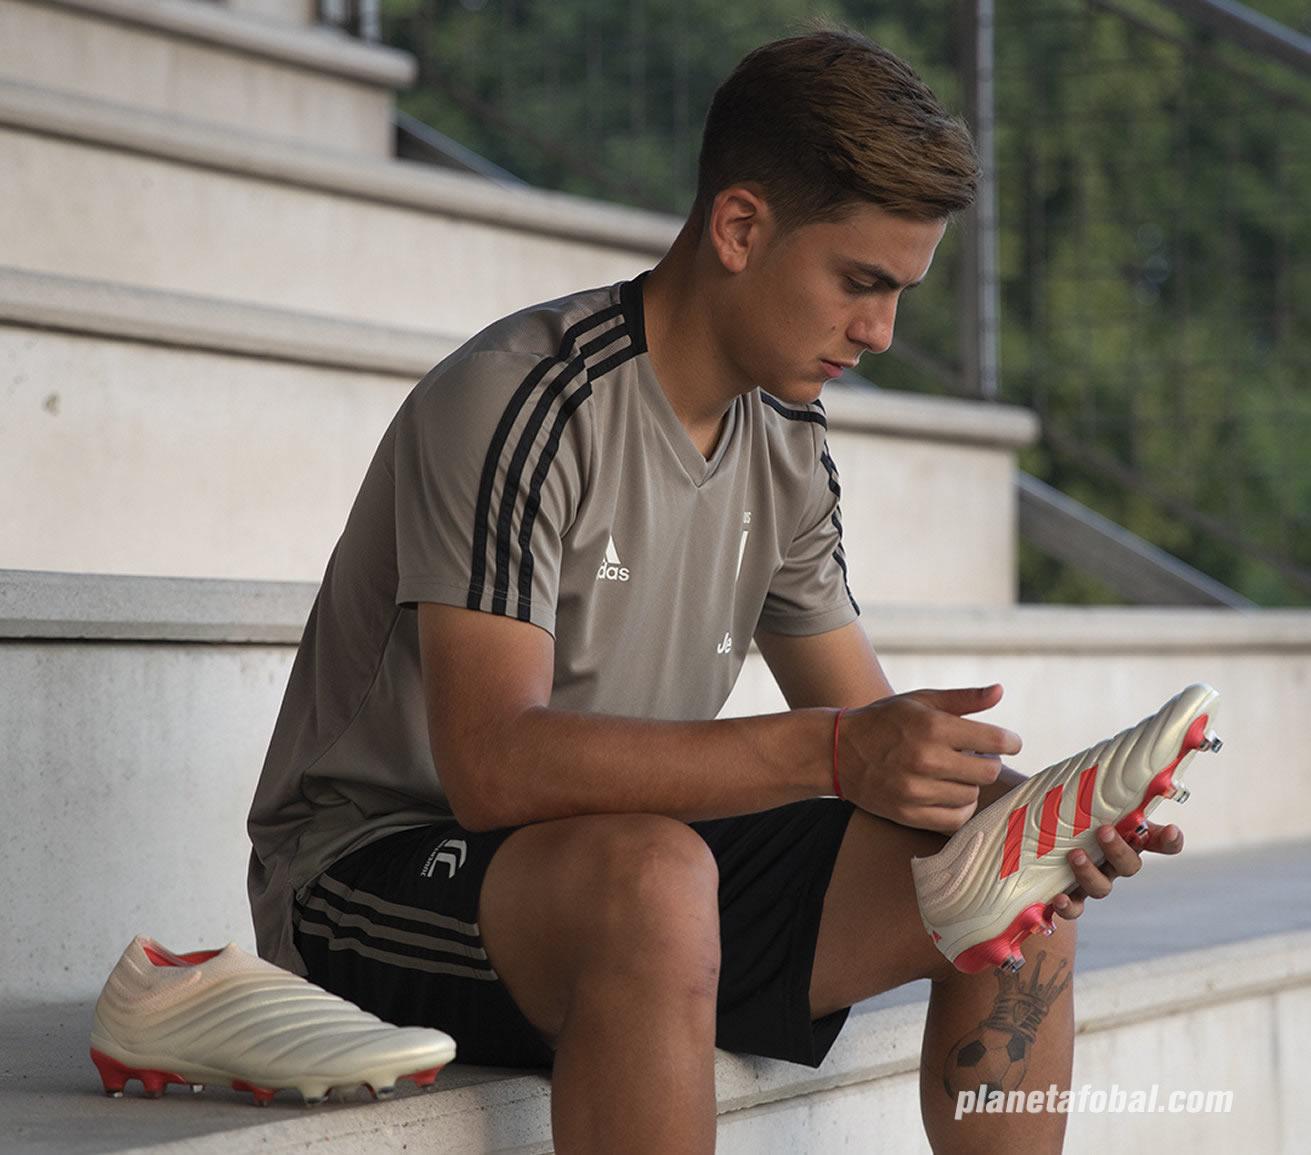 Paulo Dybala con los nuevos botines COPA 19+ | Imagen Adidas